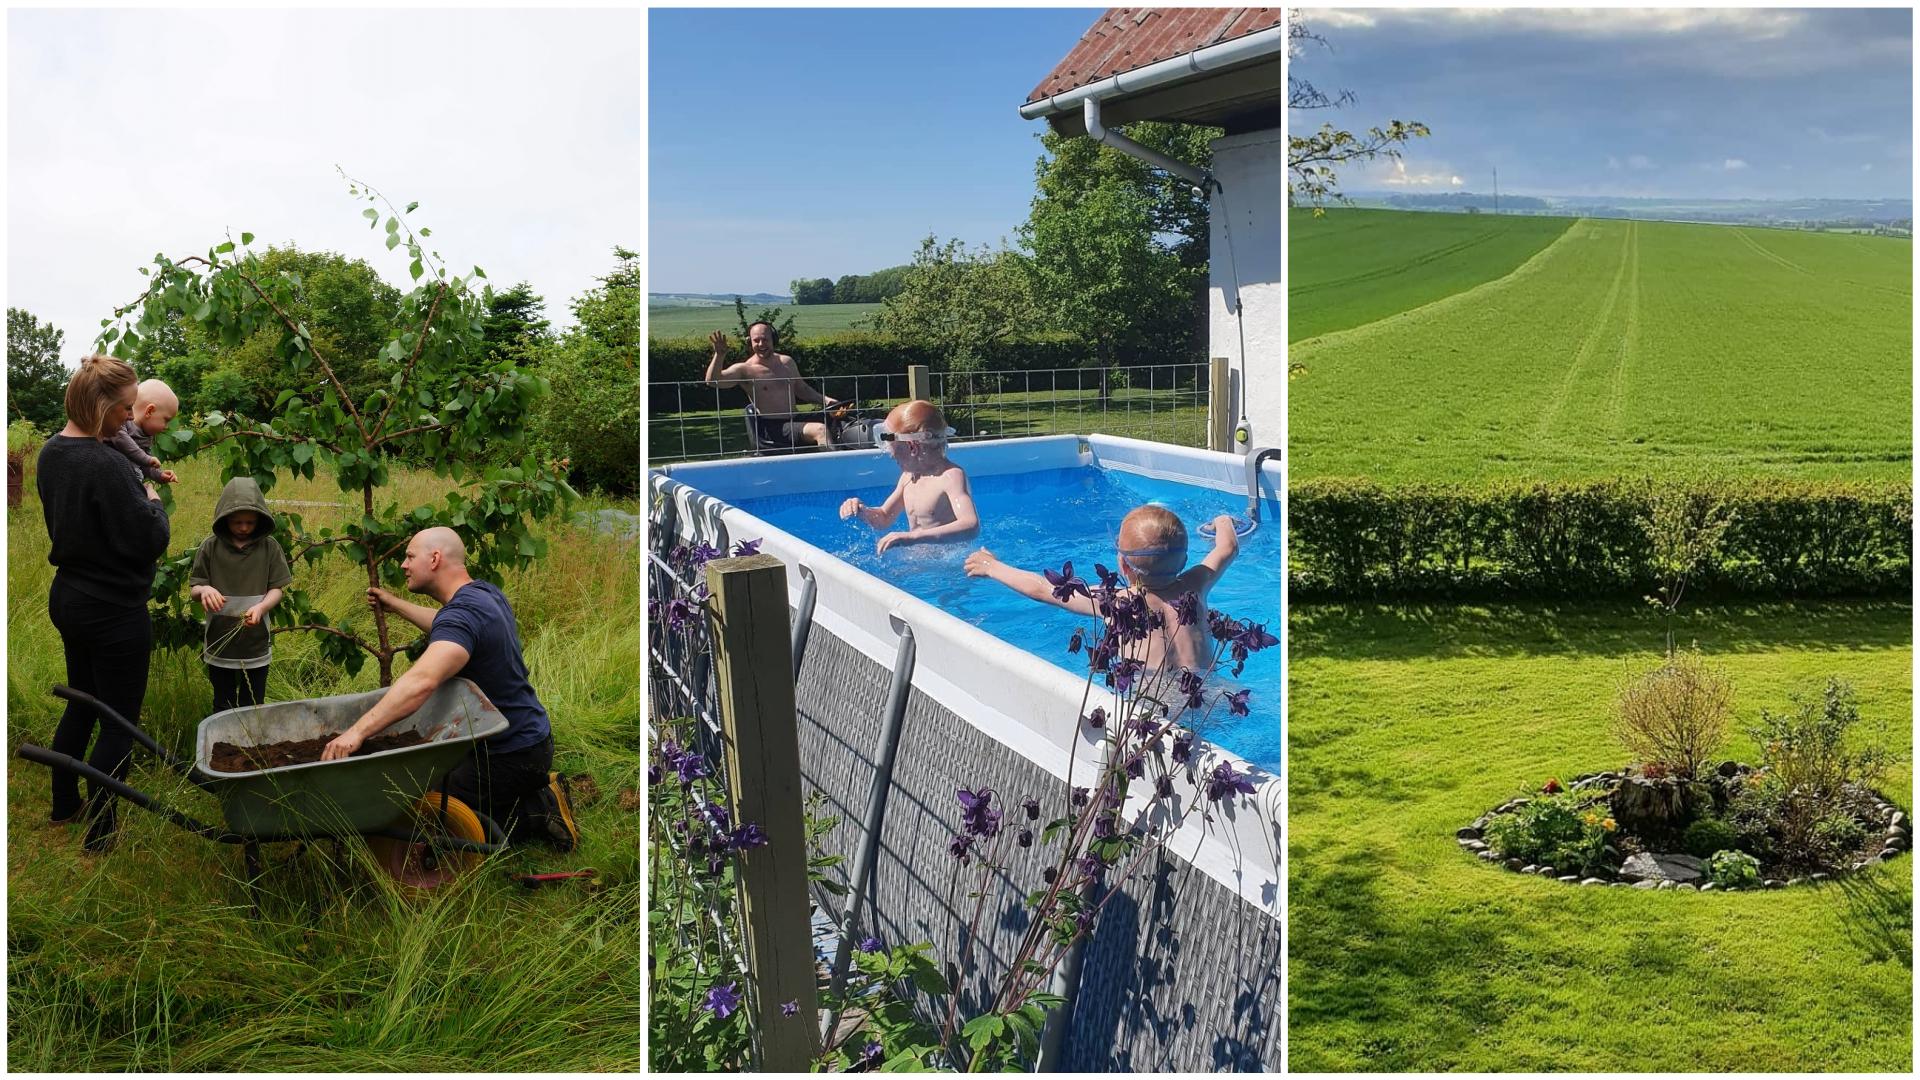 Tæt på skøn natur og Aalborg: Kongerslev har succes med at tiltrække nye indbyggere